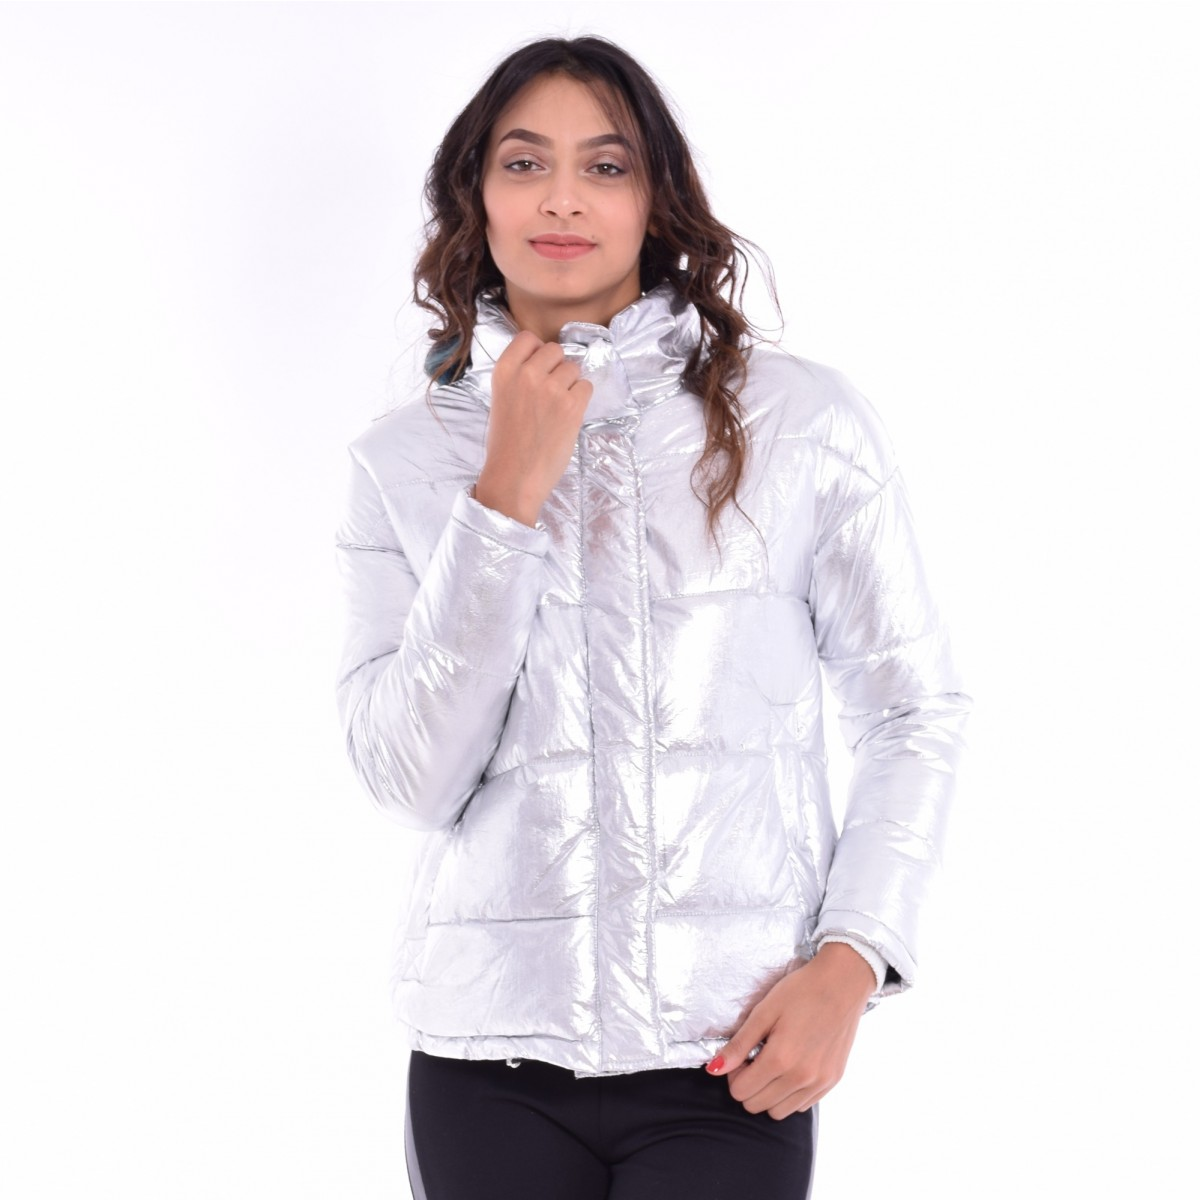 00d343fa55d87 Catalogue Hamadi Abid 2019 femme   Tendances mode, prêt à porter ...